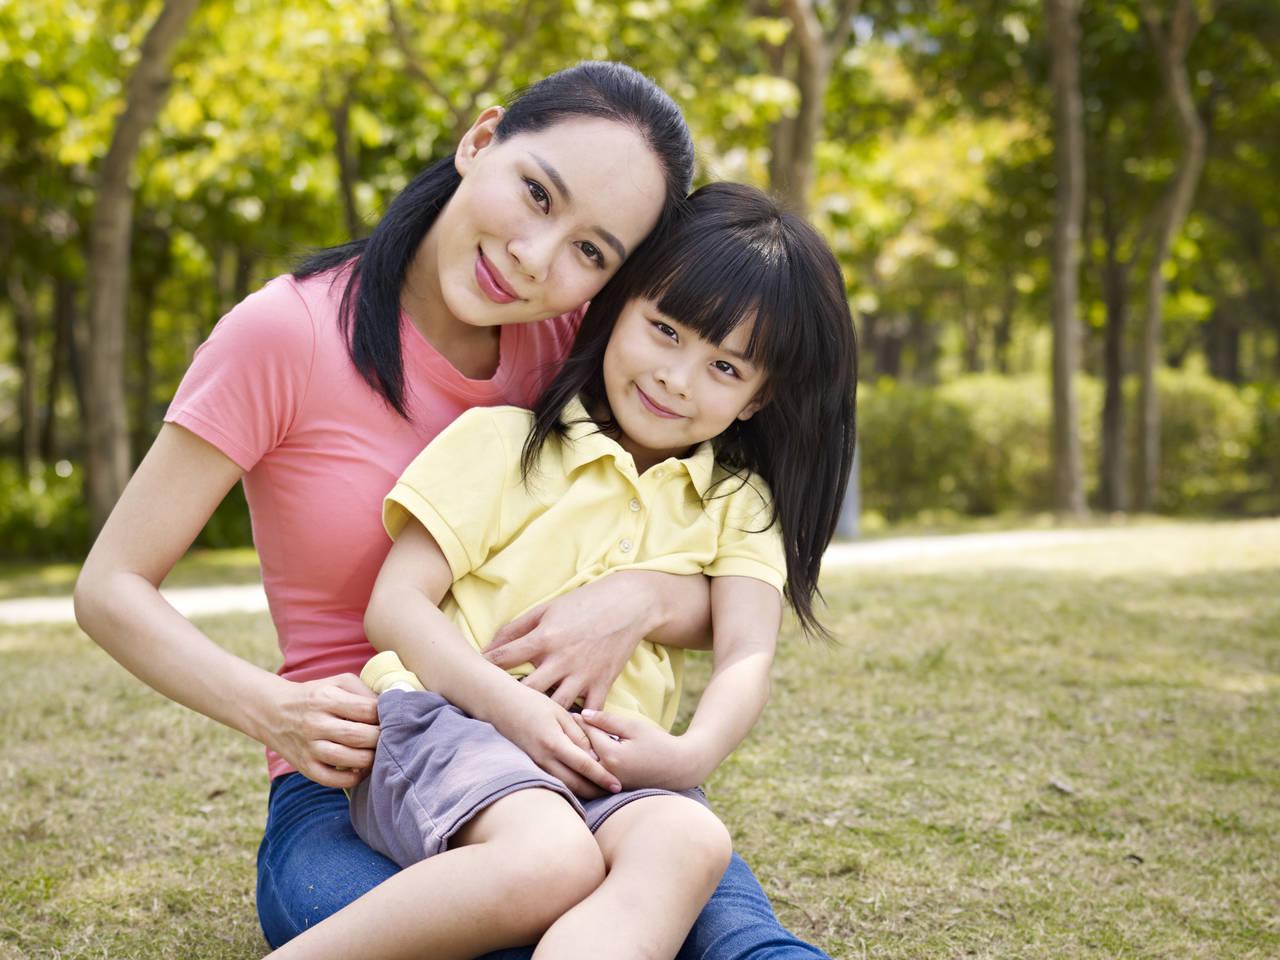 4歳のコミュニケーション能力は?言葉の発達や社会性について